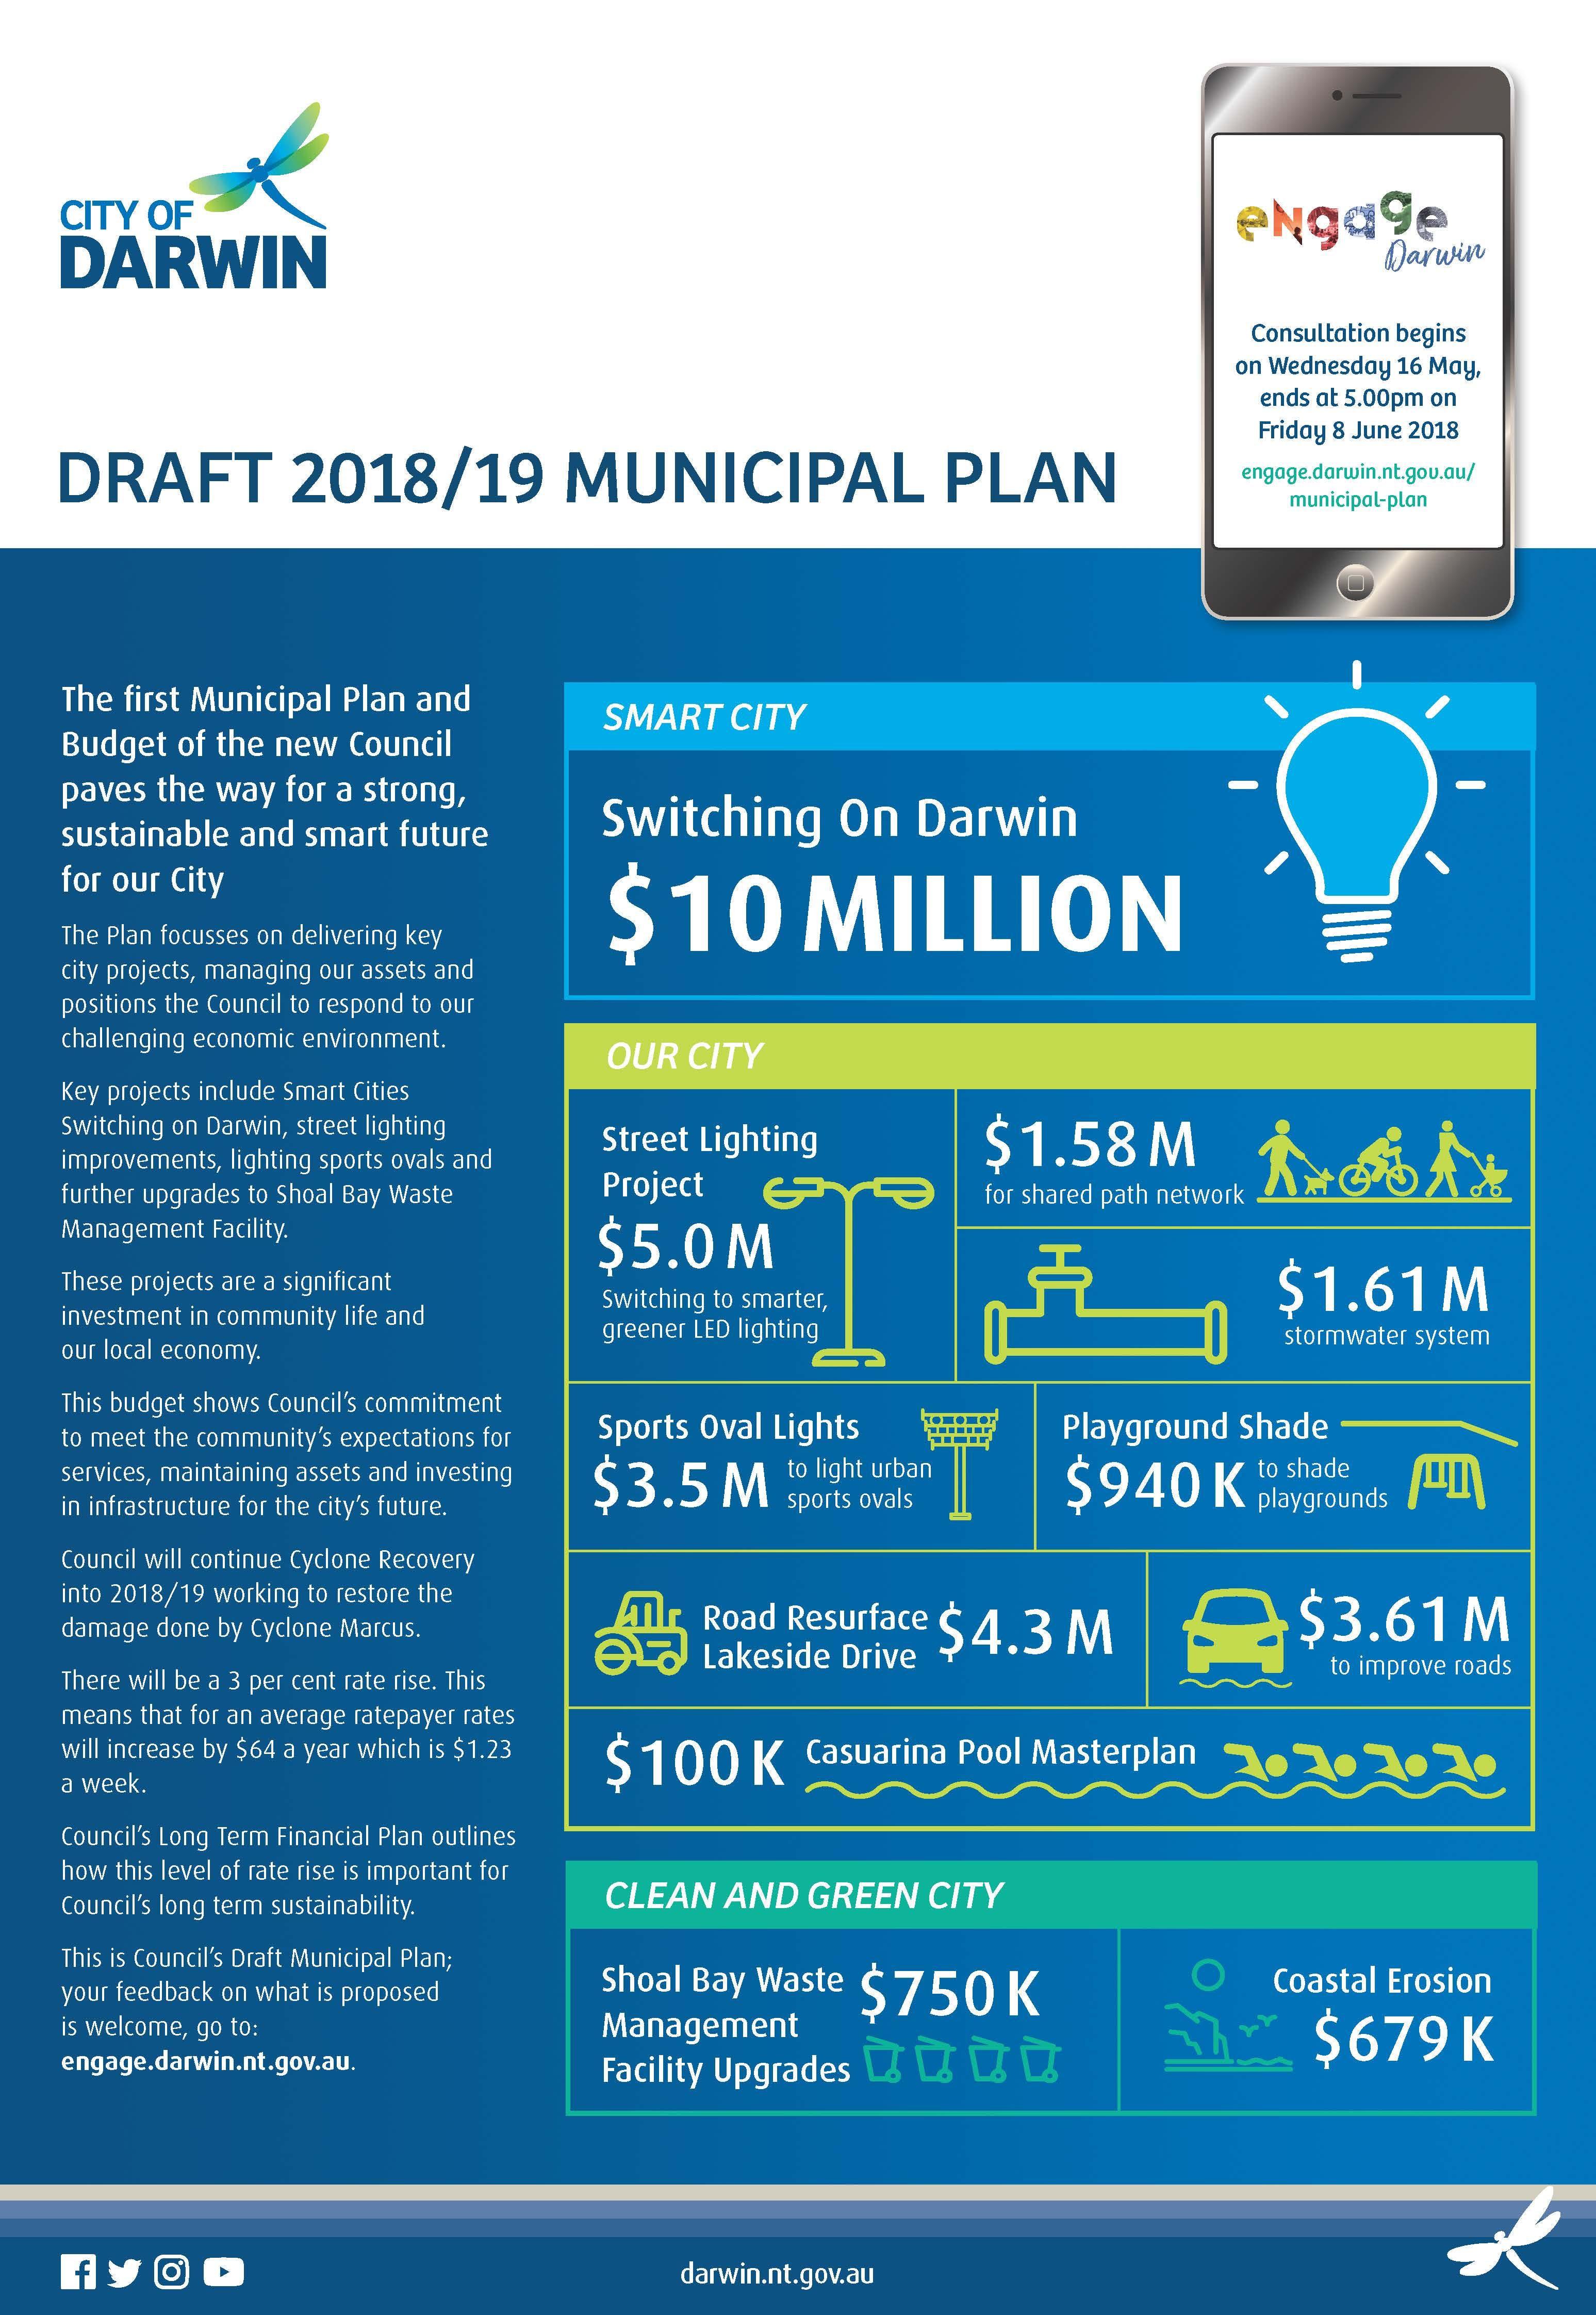 Municipal Plan Highlights